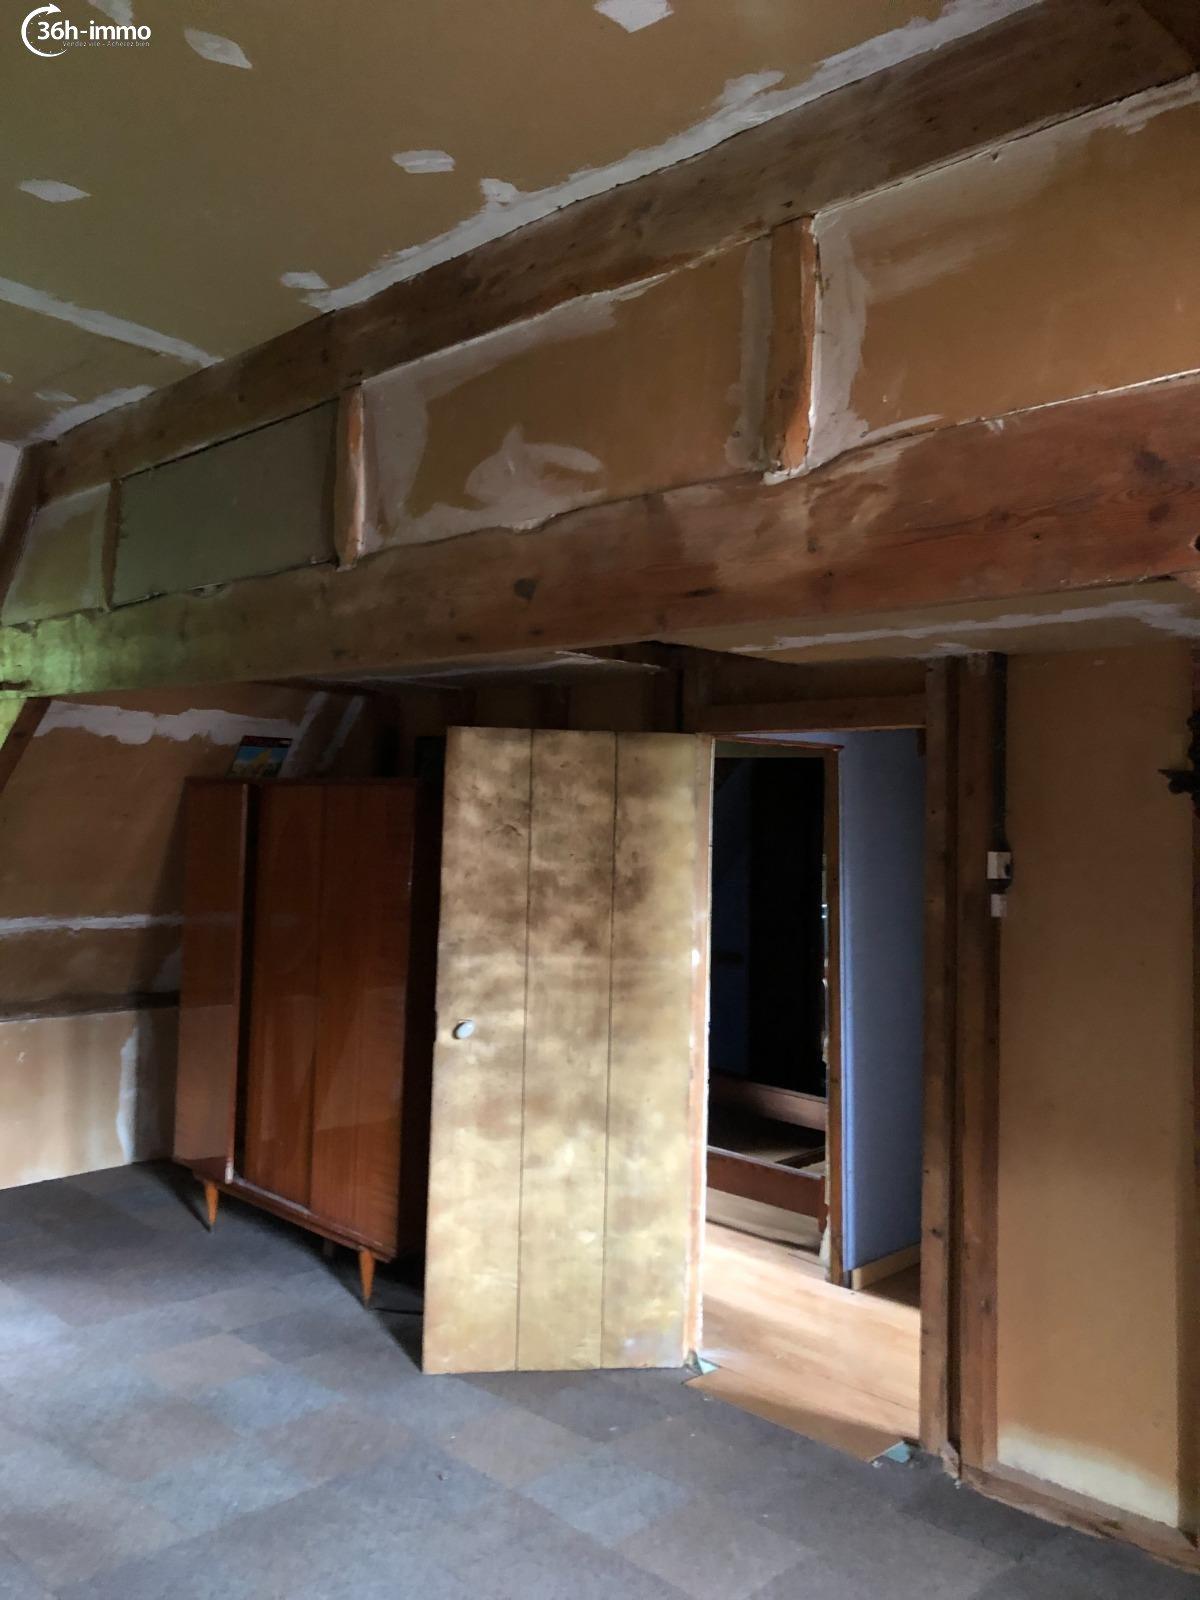 Maison Hazebrouck 59190 Nord 124 m<sup>2</sup> 5 pi&eagrave;ces 151000 euros